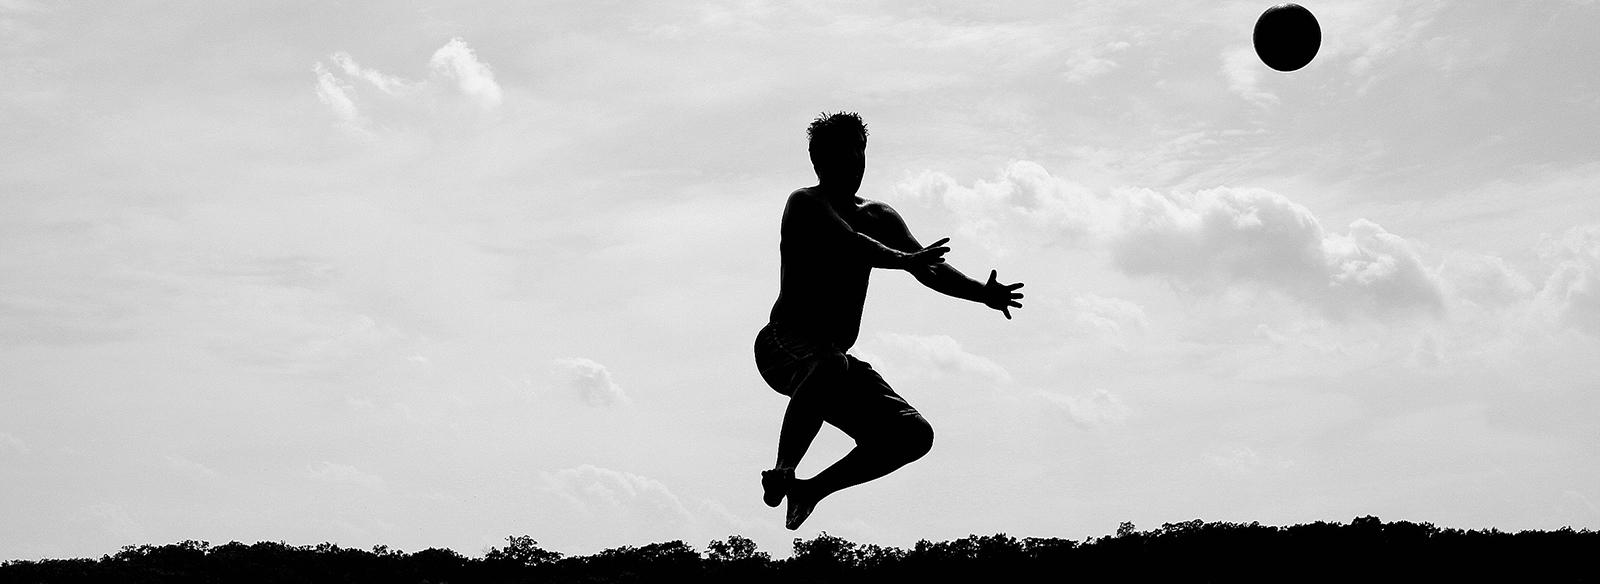 homme sautant en lançant une balle